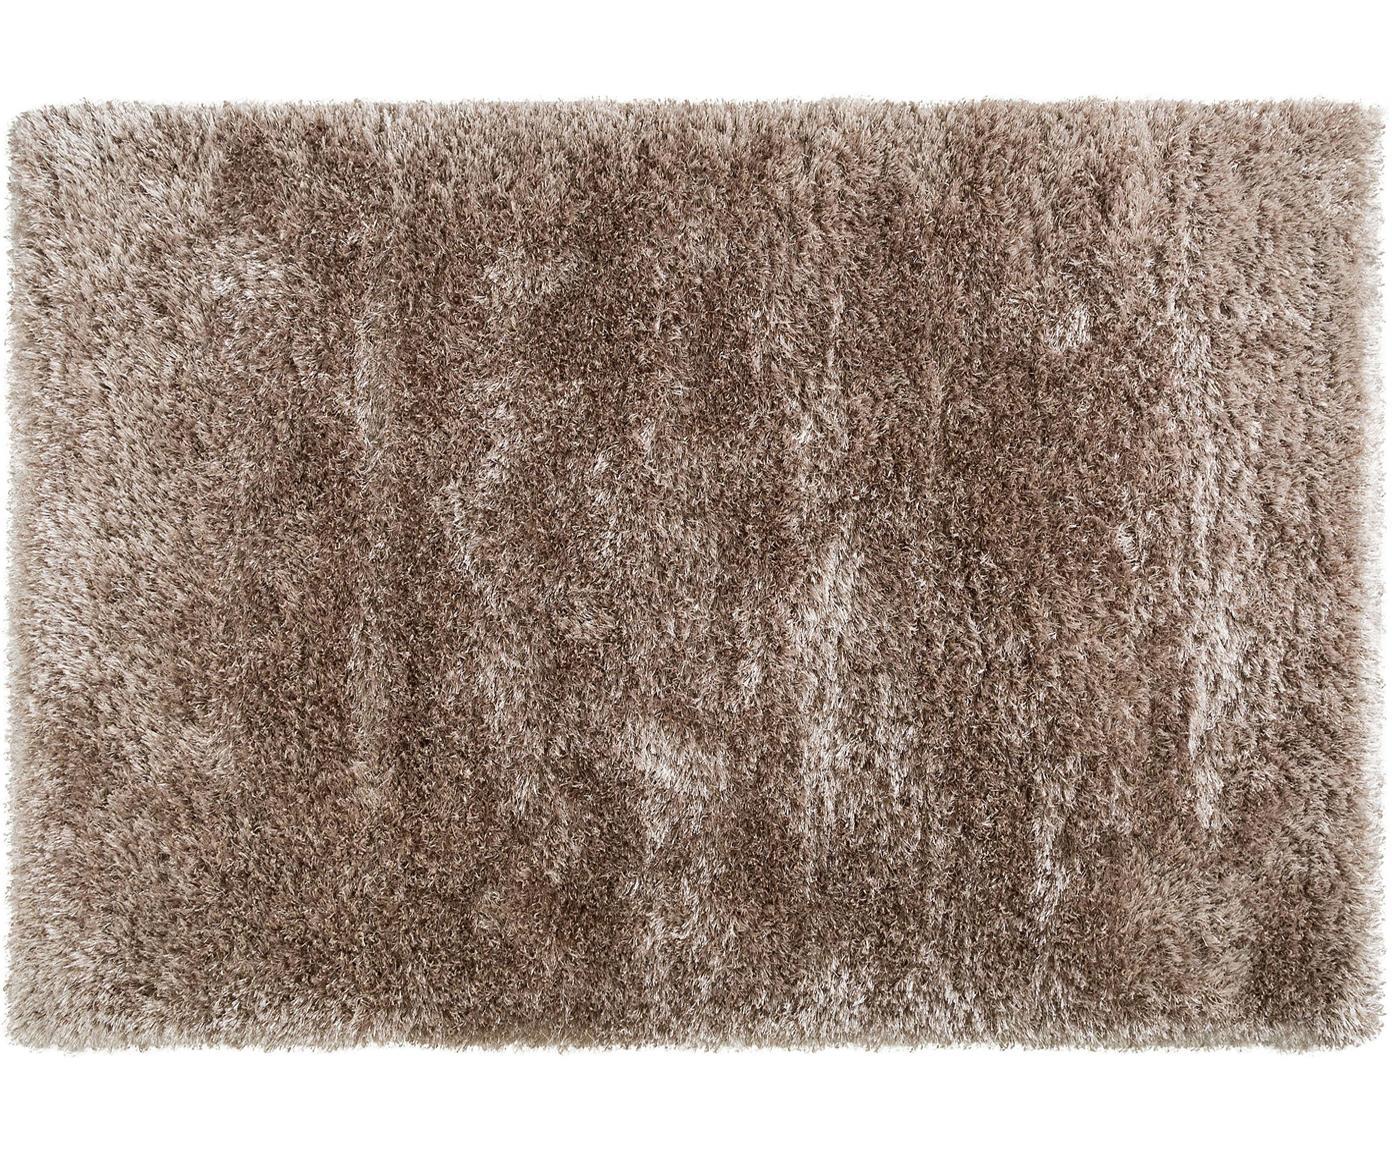 Glanzend hoogpolig vloerkleed Lea, 50% polyester, 50% polypropyleen, Beige, B 140 x L 200 cm (maat S)